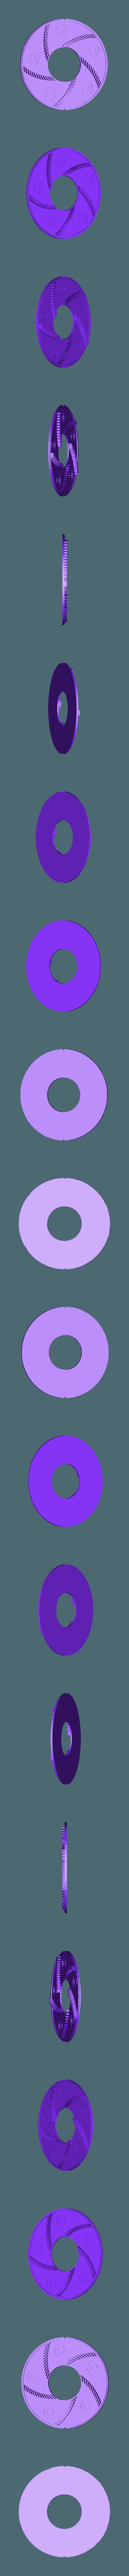 441cdca1 bc76 4786 9c45 a2255ab3f4f9